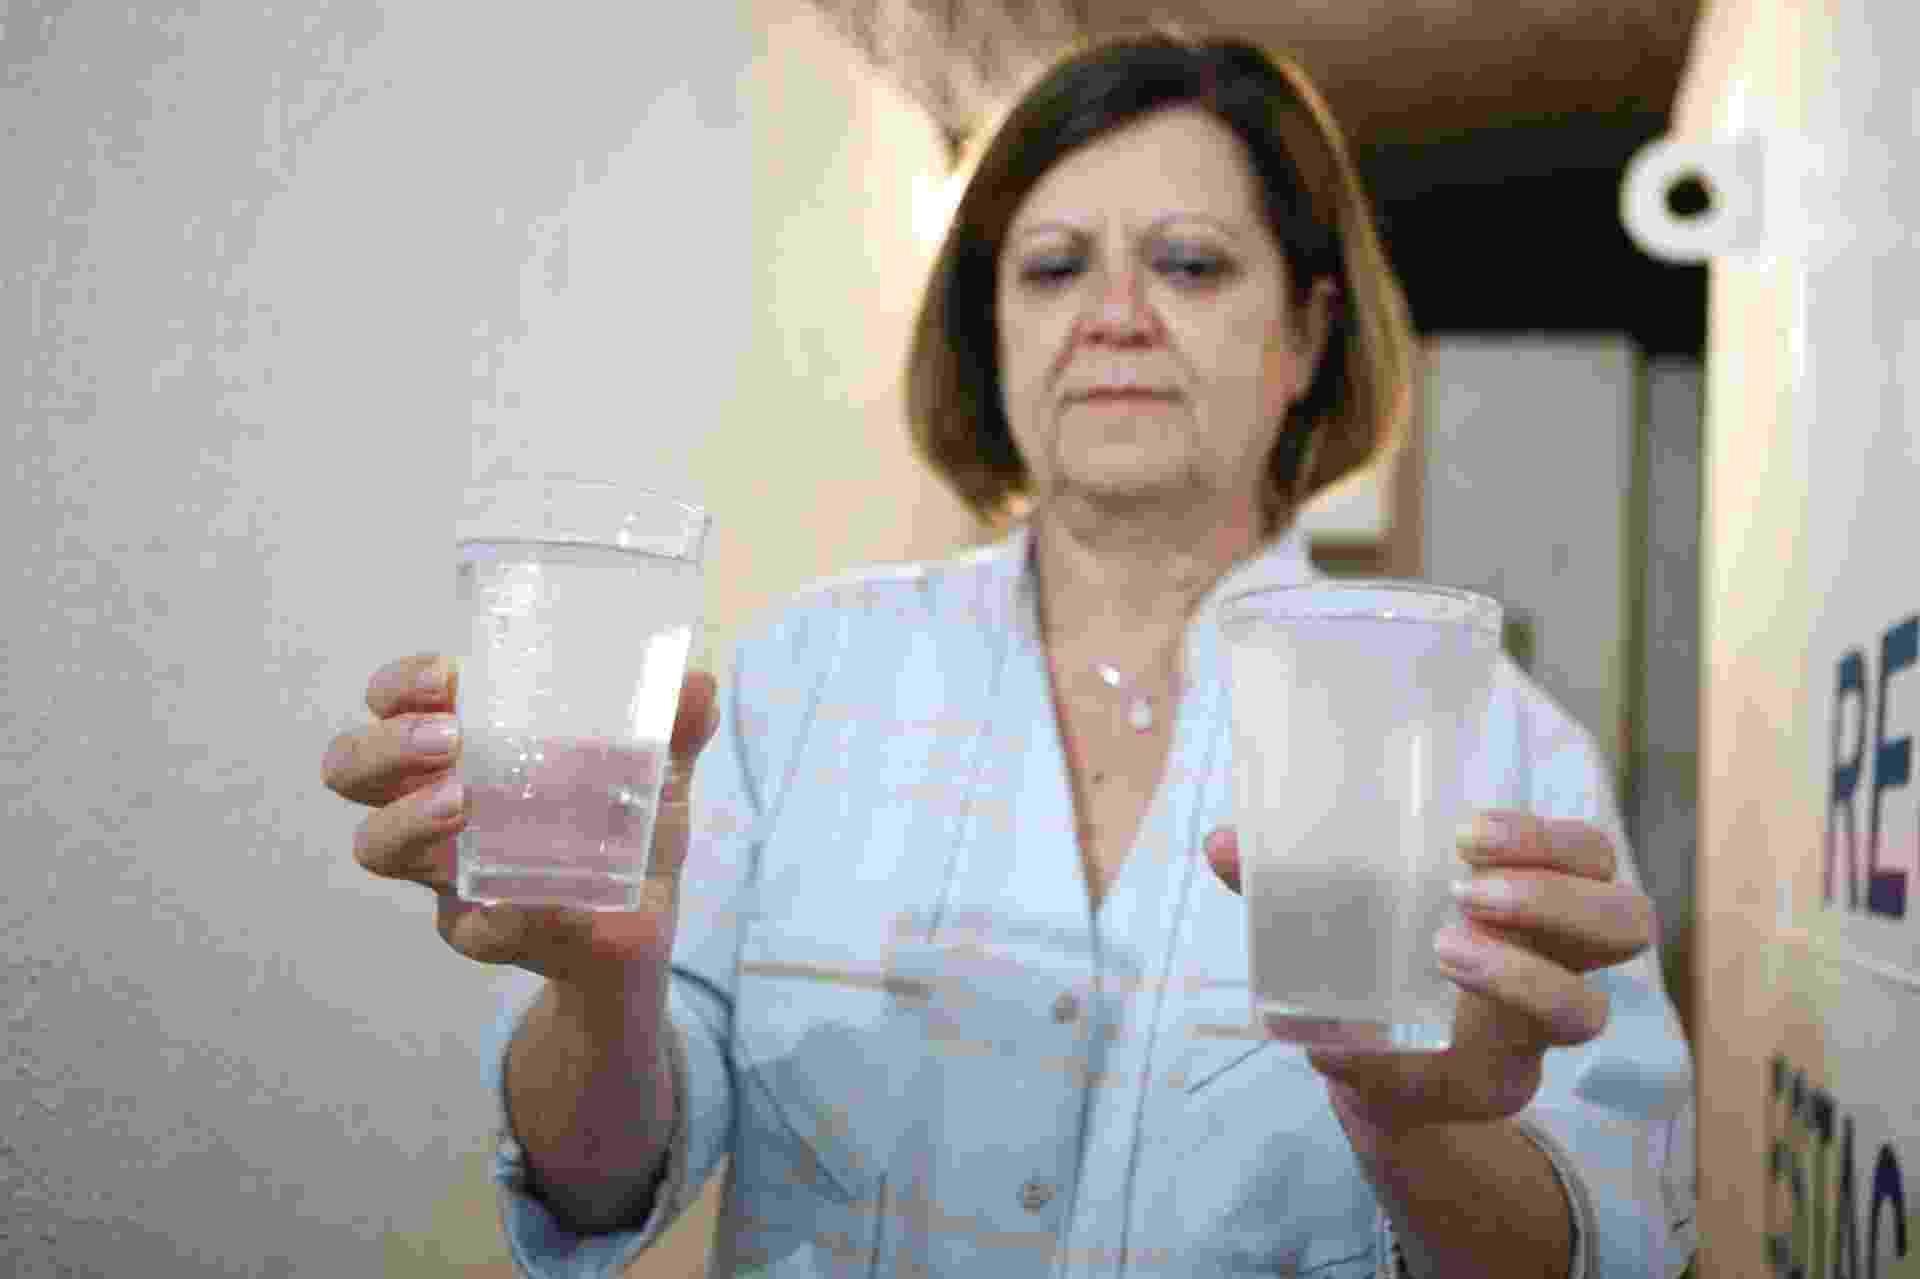 5.nov.2014 - A síndica do edifício Saint Hilaire, Marizilda Gonçalves, mostra copos após tratamento da água usada nos tanques e lavadoras de roupas. A água é reutilizada na descarga e torneiras da área comum do prédio no Campo Belo, zona sul de São Paulo - Junior lago/UOL